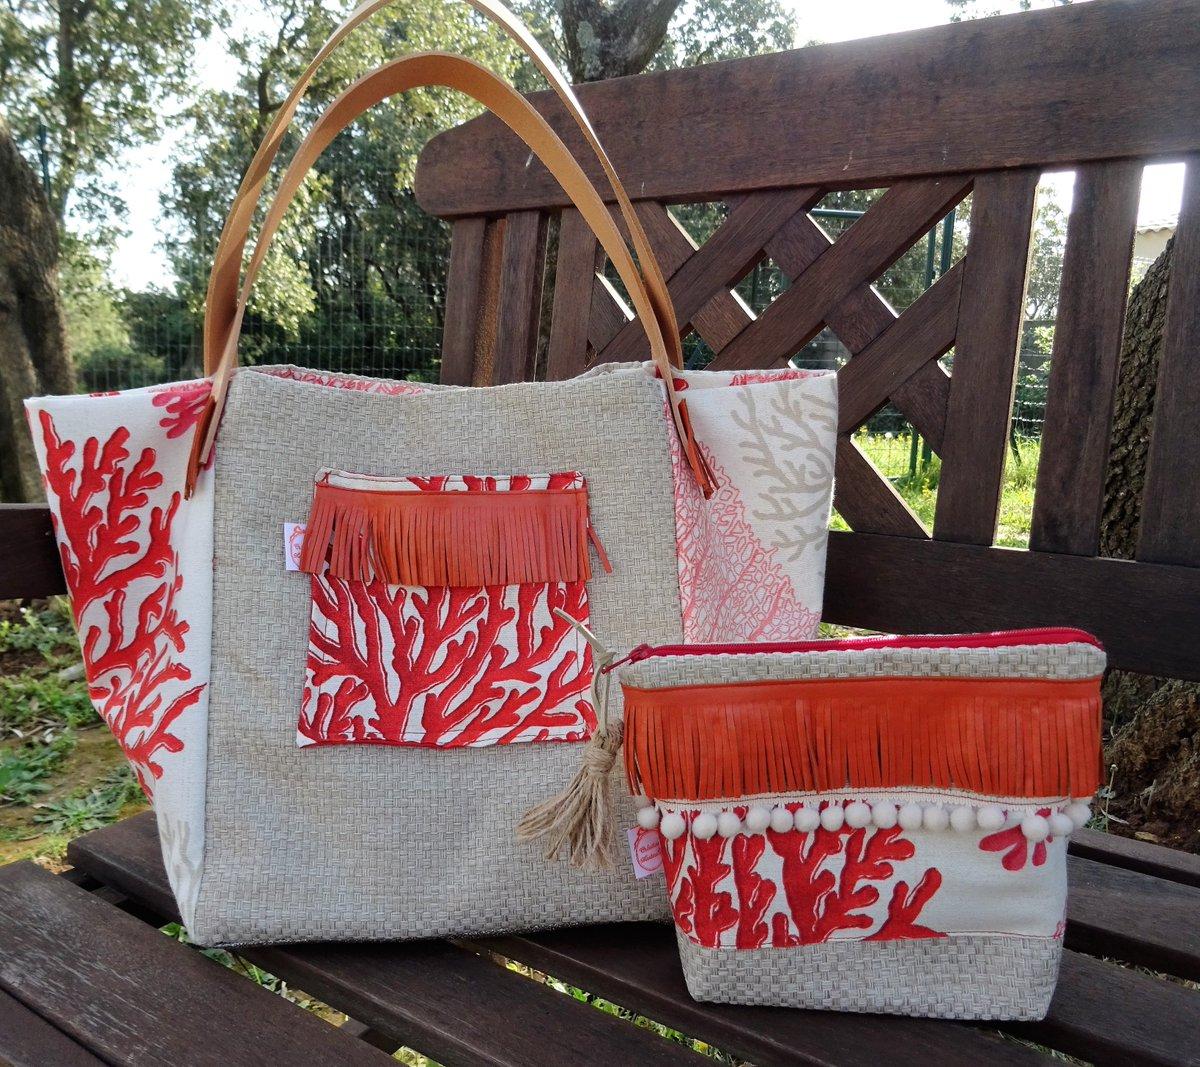 Un avant goût de l&#39;été !  #sac #coraux #été #trousse #madeinFrance #artisans #creationmartineb #ANSES #cuir #fashion #mode #blog  #blogger <br>http://pic.twitter.com/2tf1ErOn7l